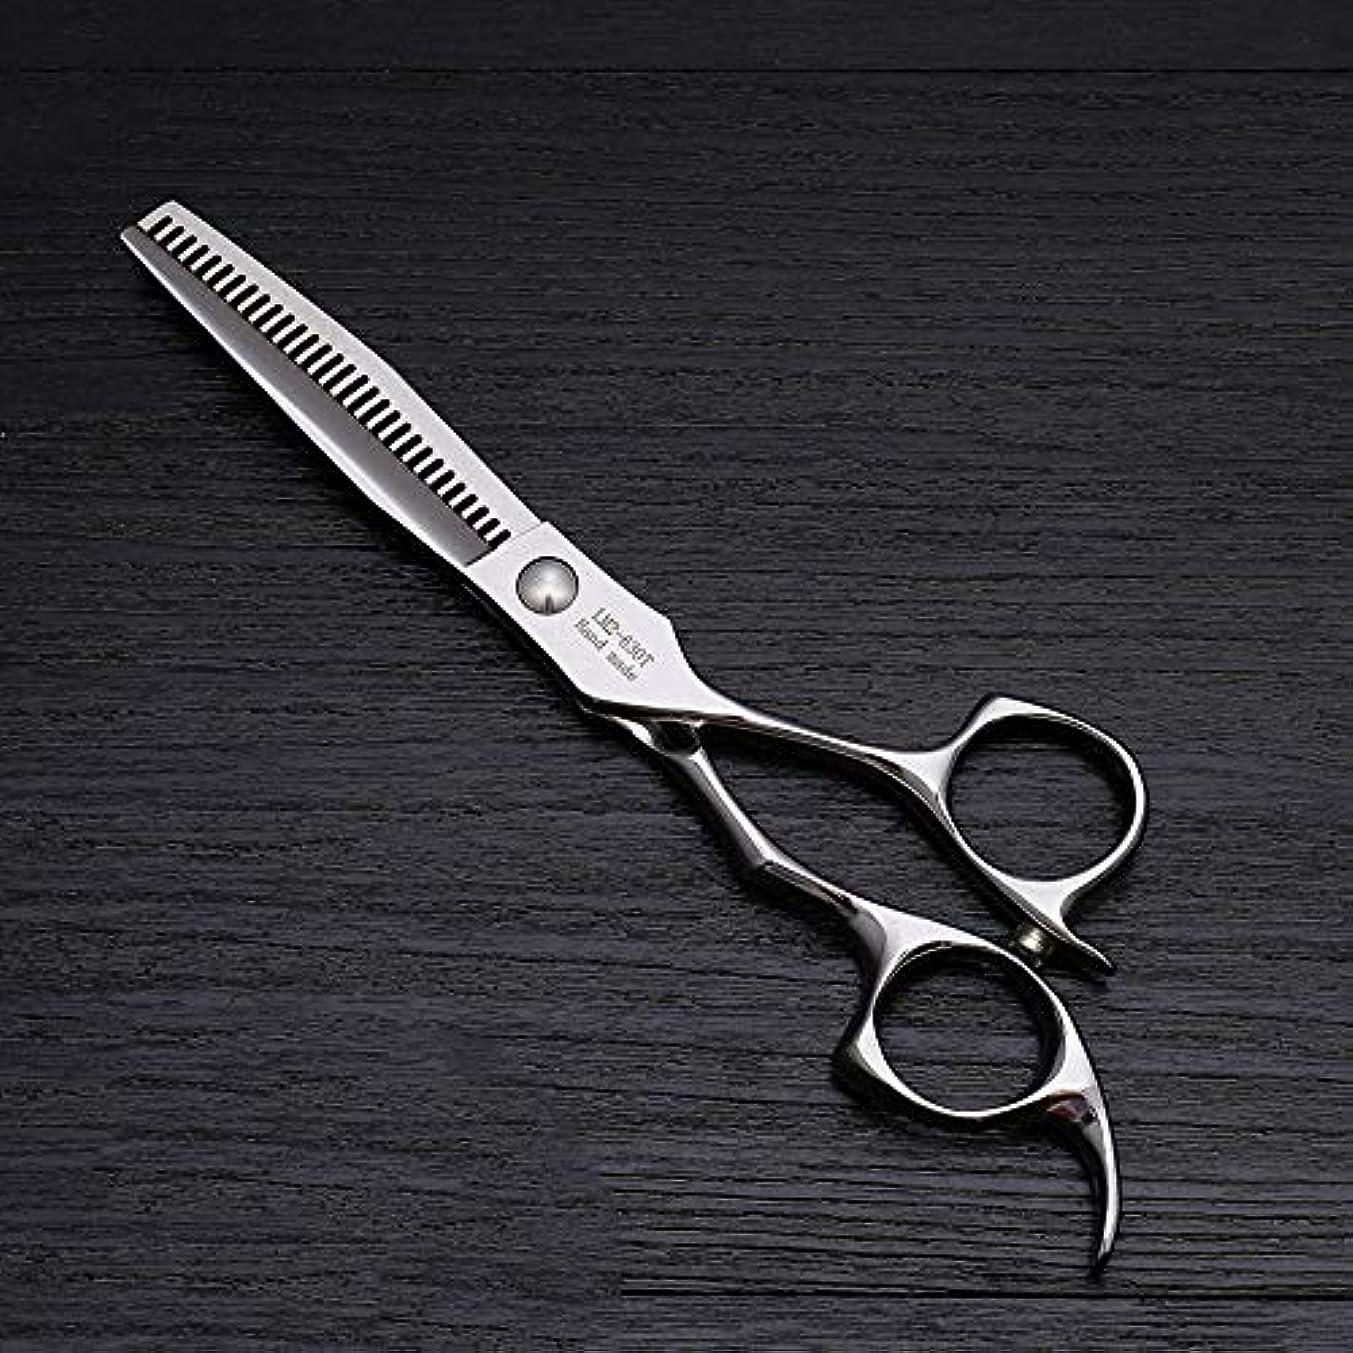 プラスチック締め切り四半期理髪用はさみ 6インチのステンレス鋼の理髪はさみ、美容院の毛の切断用具の薄くなるはさみの毛の切断はさみのステンレス製の理髪師のはさみ (色 : Silver)